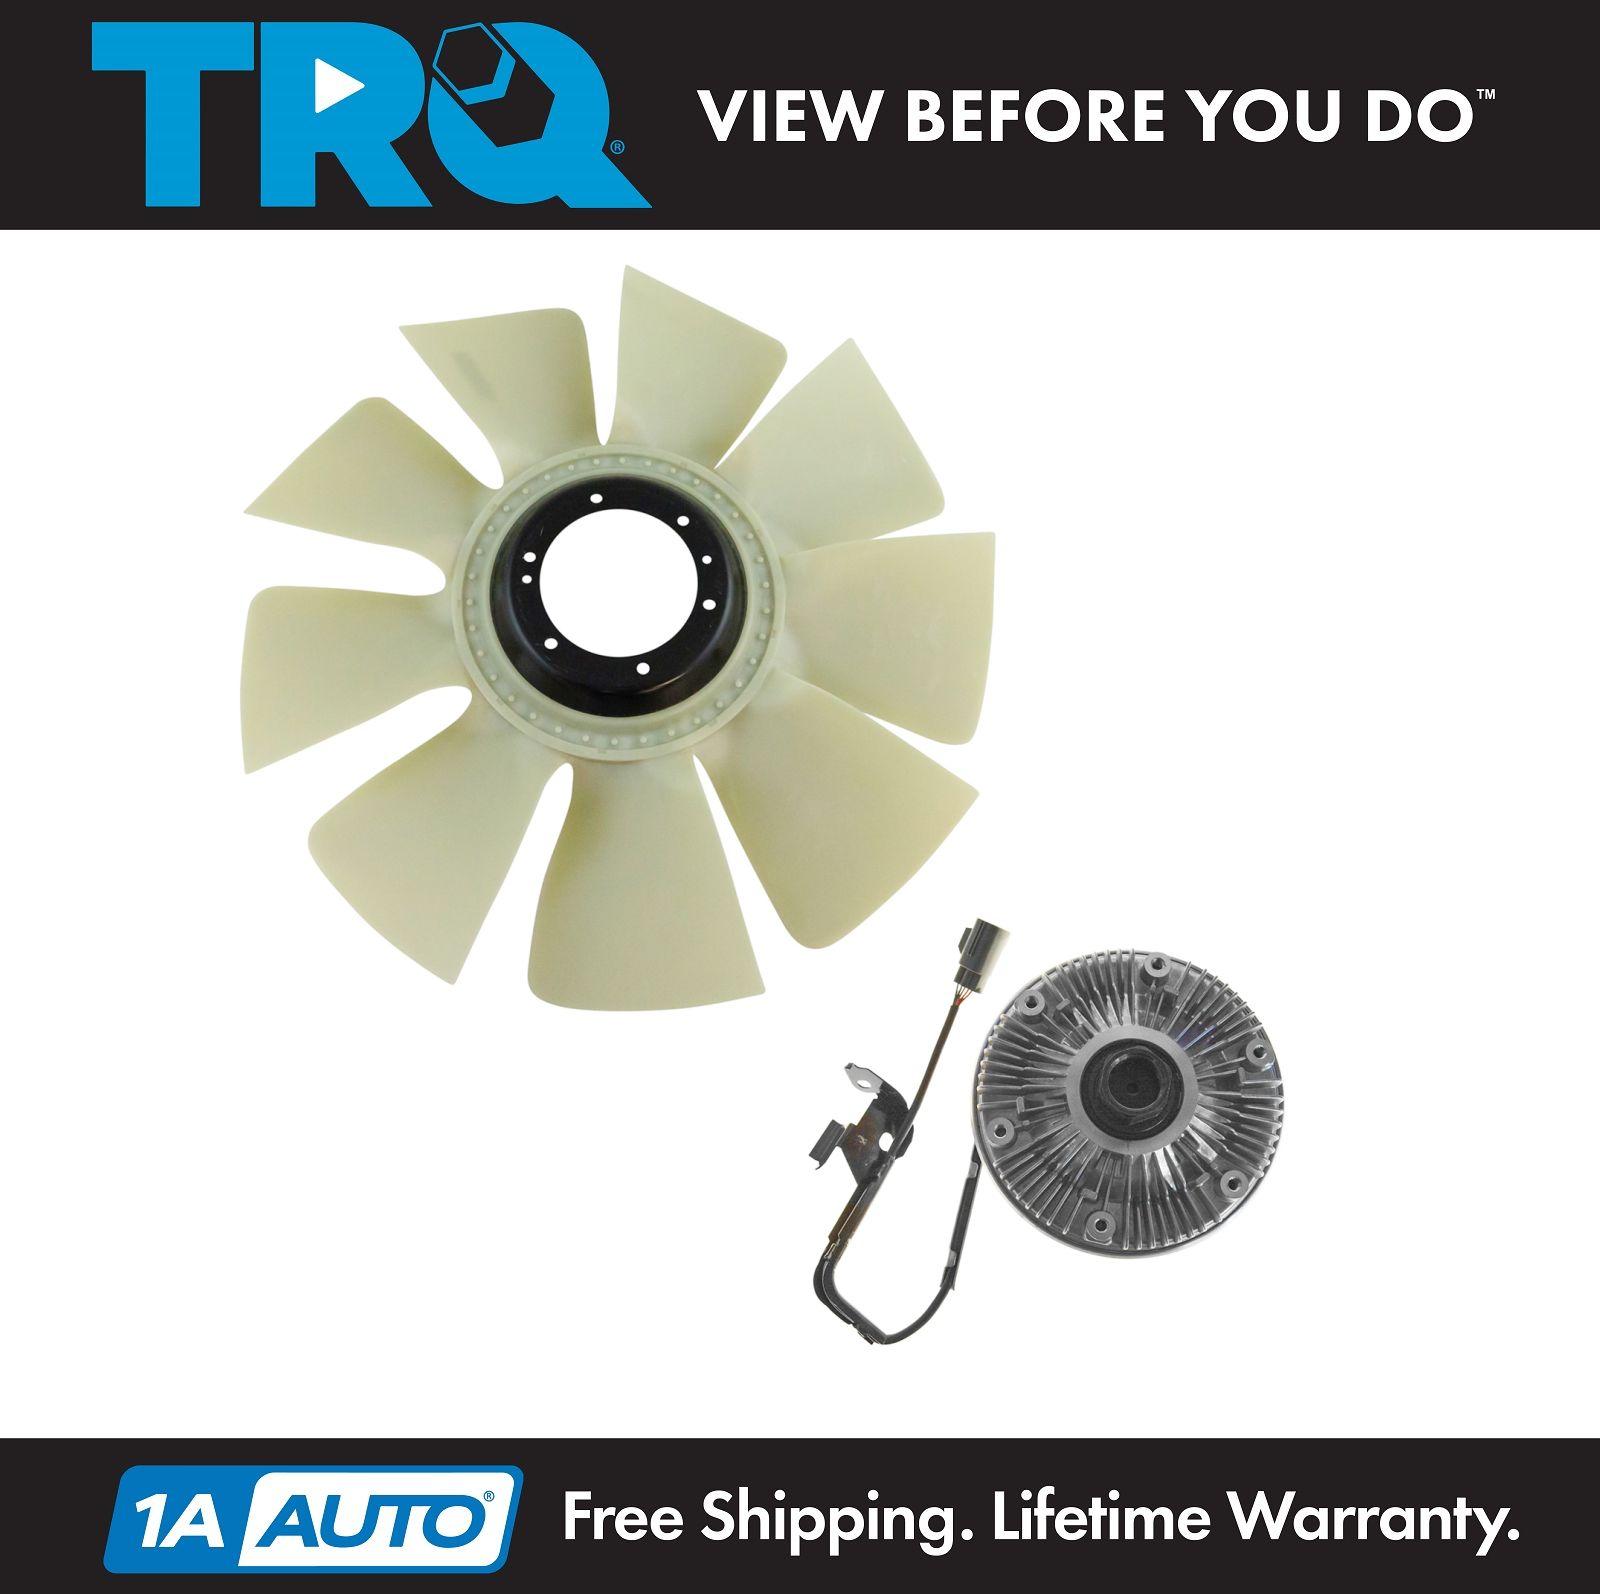 Dodge Diesel Fan Clutch Problems